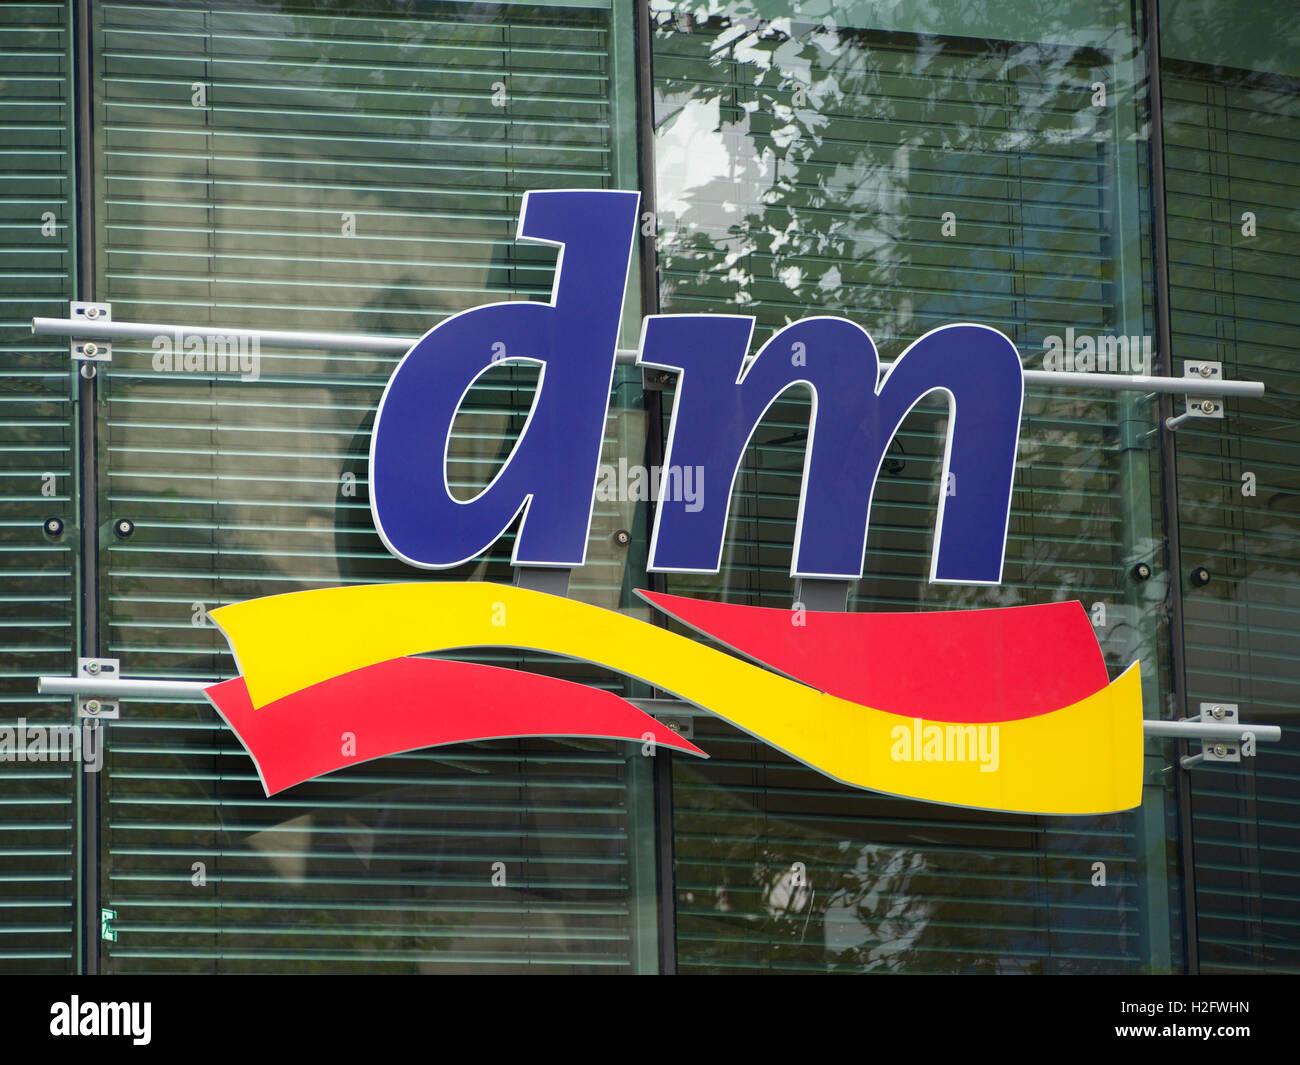 Détaillant allemand DM Drogerie Markt drug store logo. Cologne, Allemagne  Photo Stock 1f365a66aaef